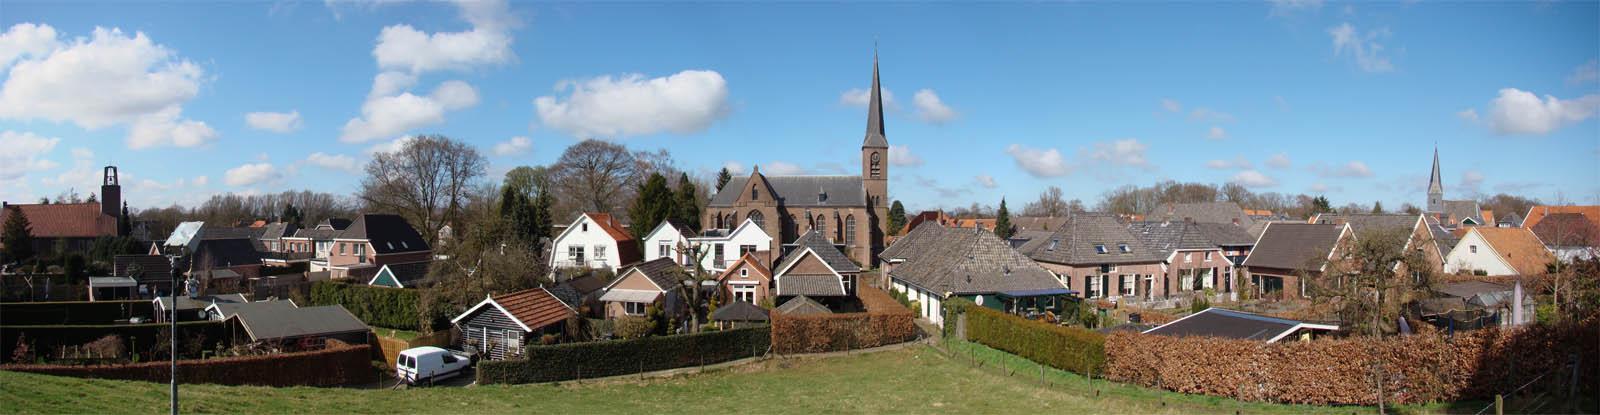 Bredevoort (Netherlands)